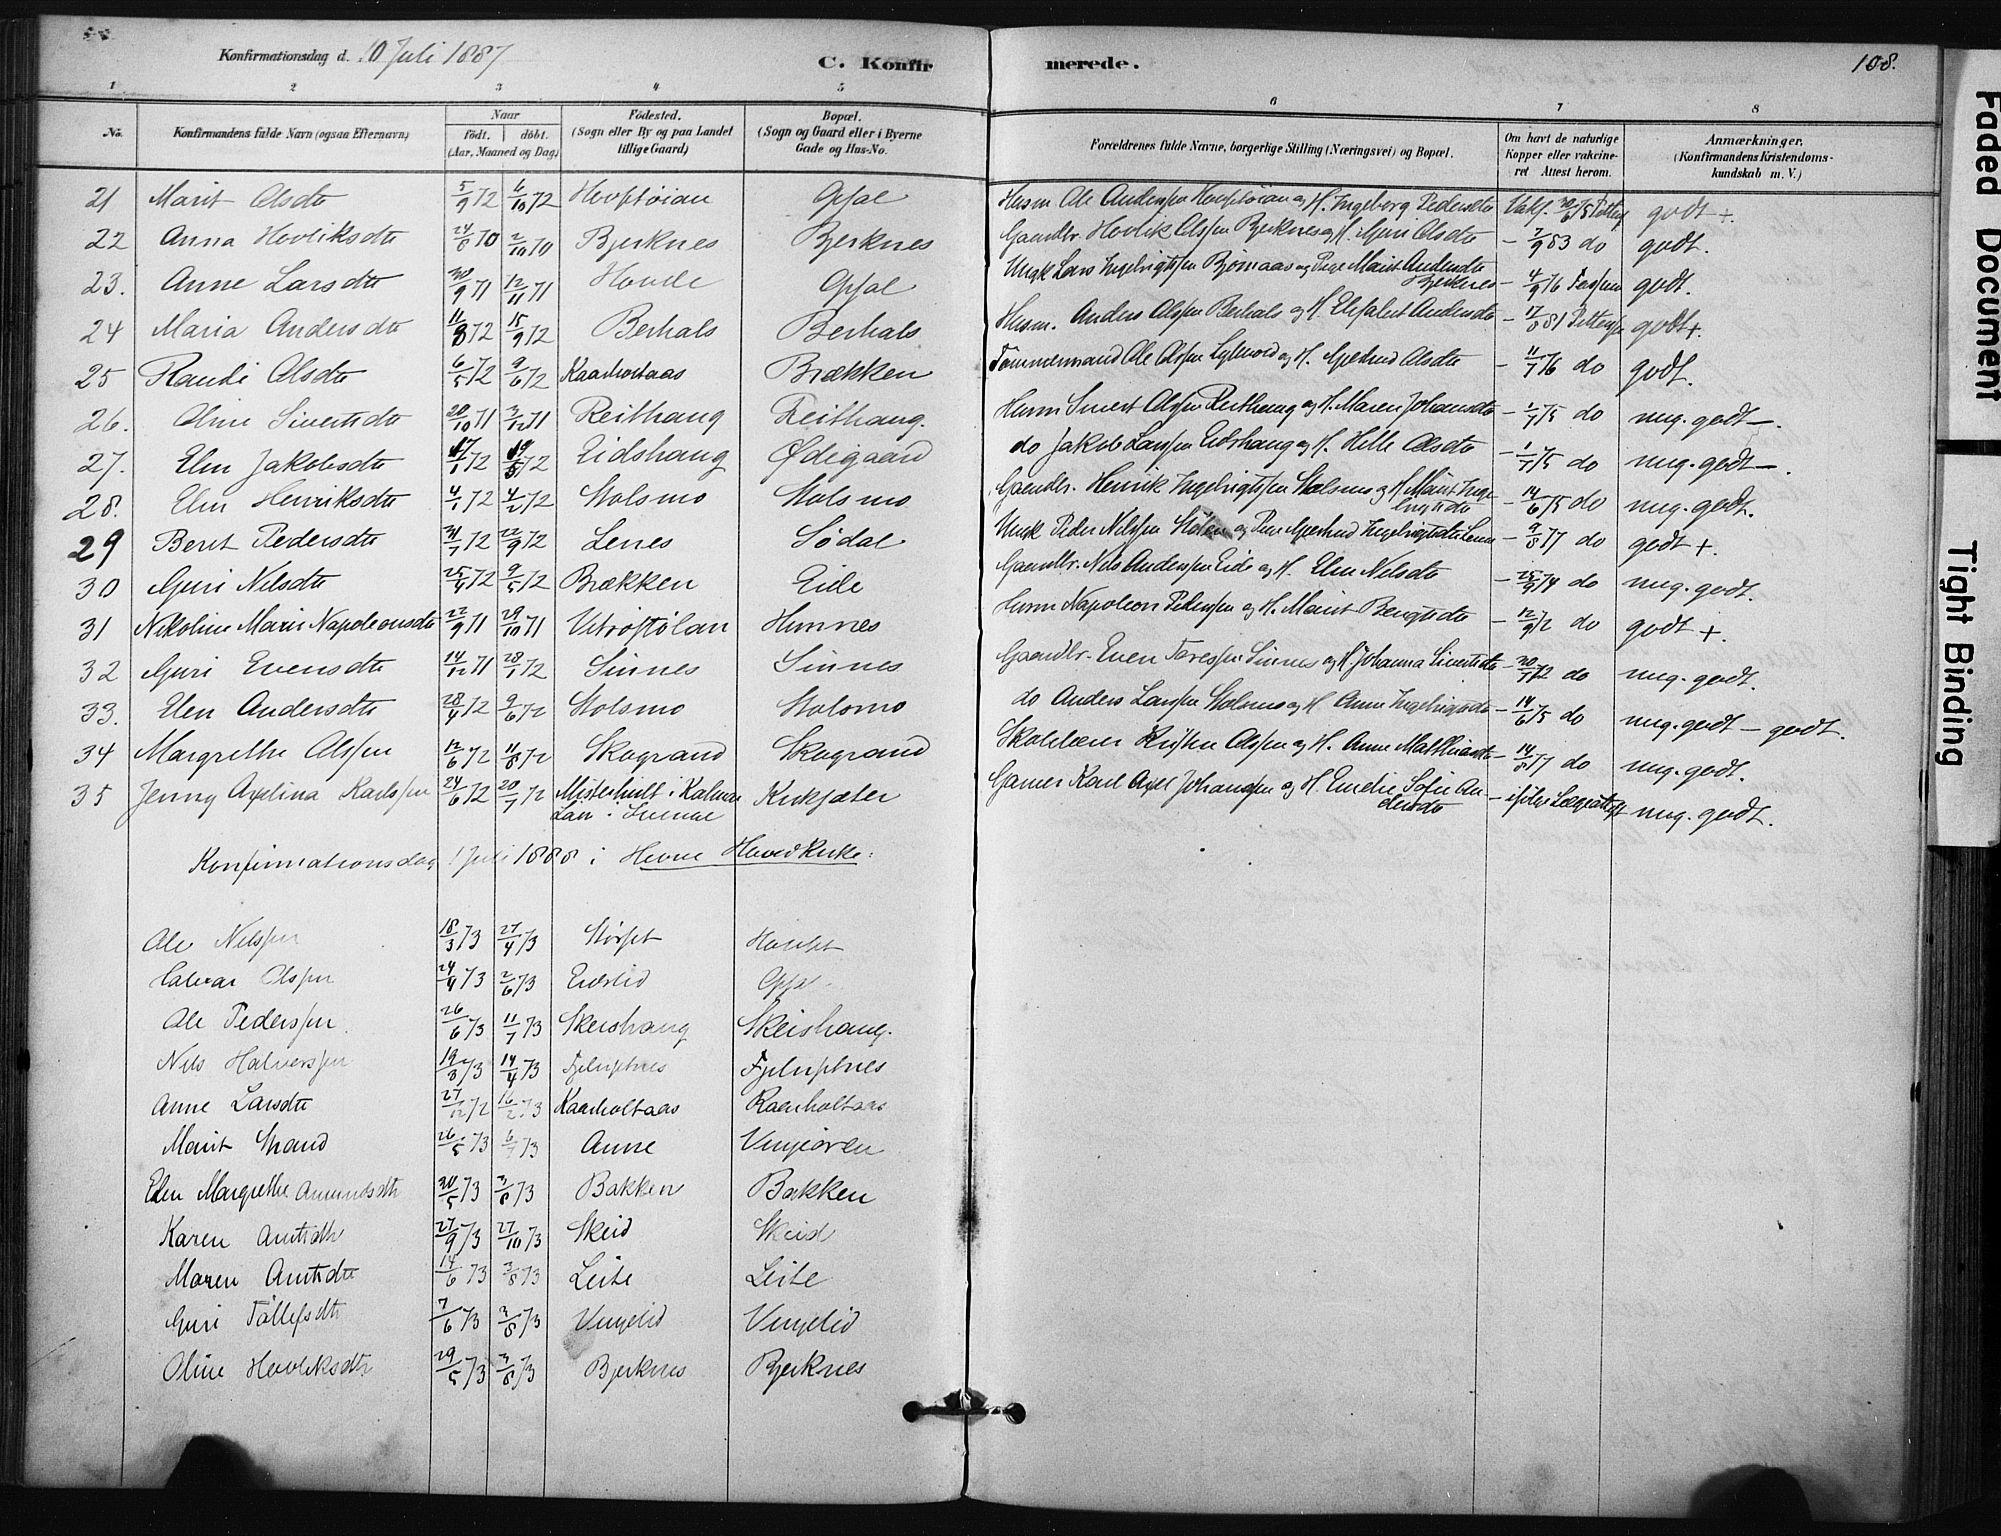 SAT, Ministerialprotokoller, klokkerbøker og fødselsregistre - Sør-Trøndelag, 631/L0512: Ministerialbok nr. 631A01, 1879-1912, s. 108